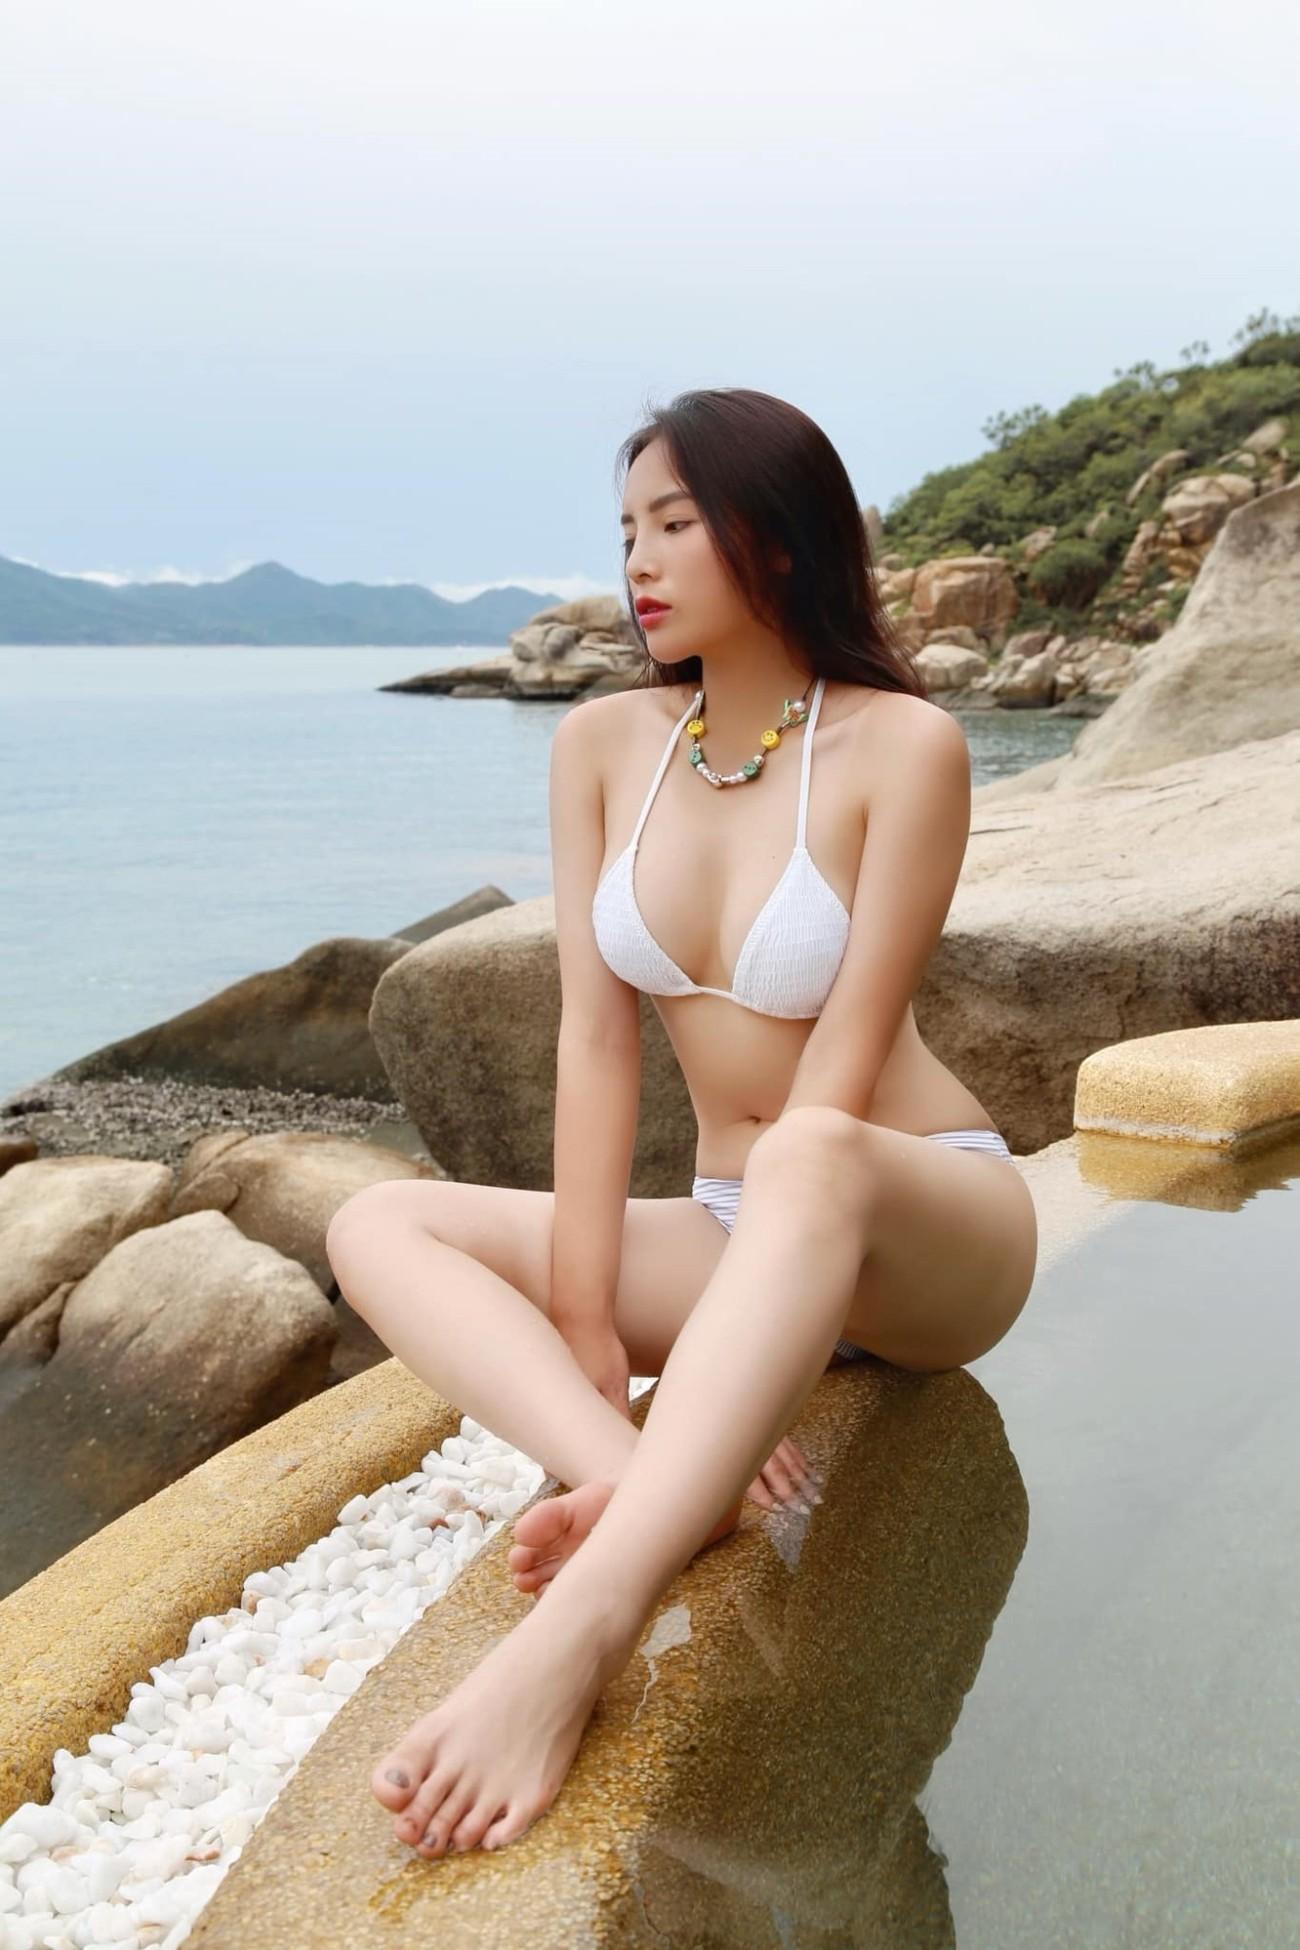 Sắc vóc nóng bỏng của các 'Người đẹp Biển' của Hoa hậu Việt Nam qua một thập kỷ ảnh 15